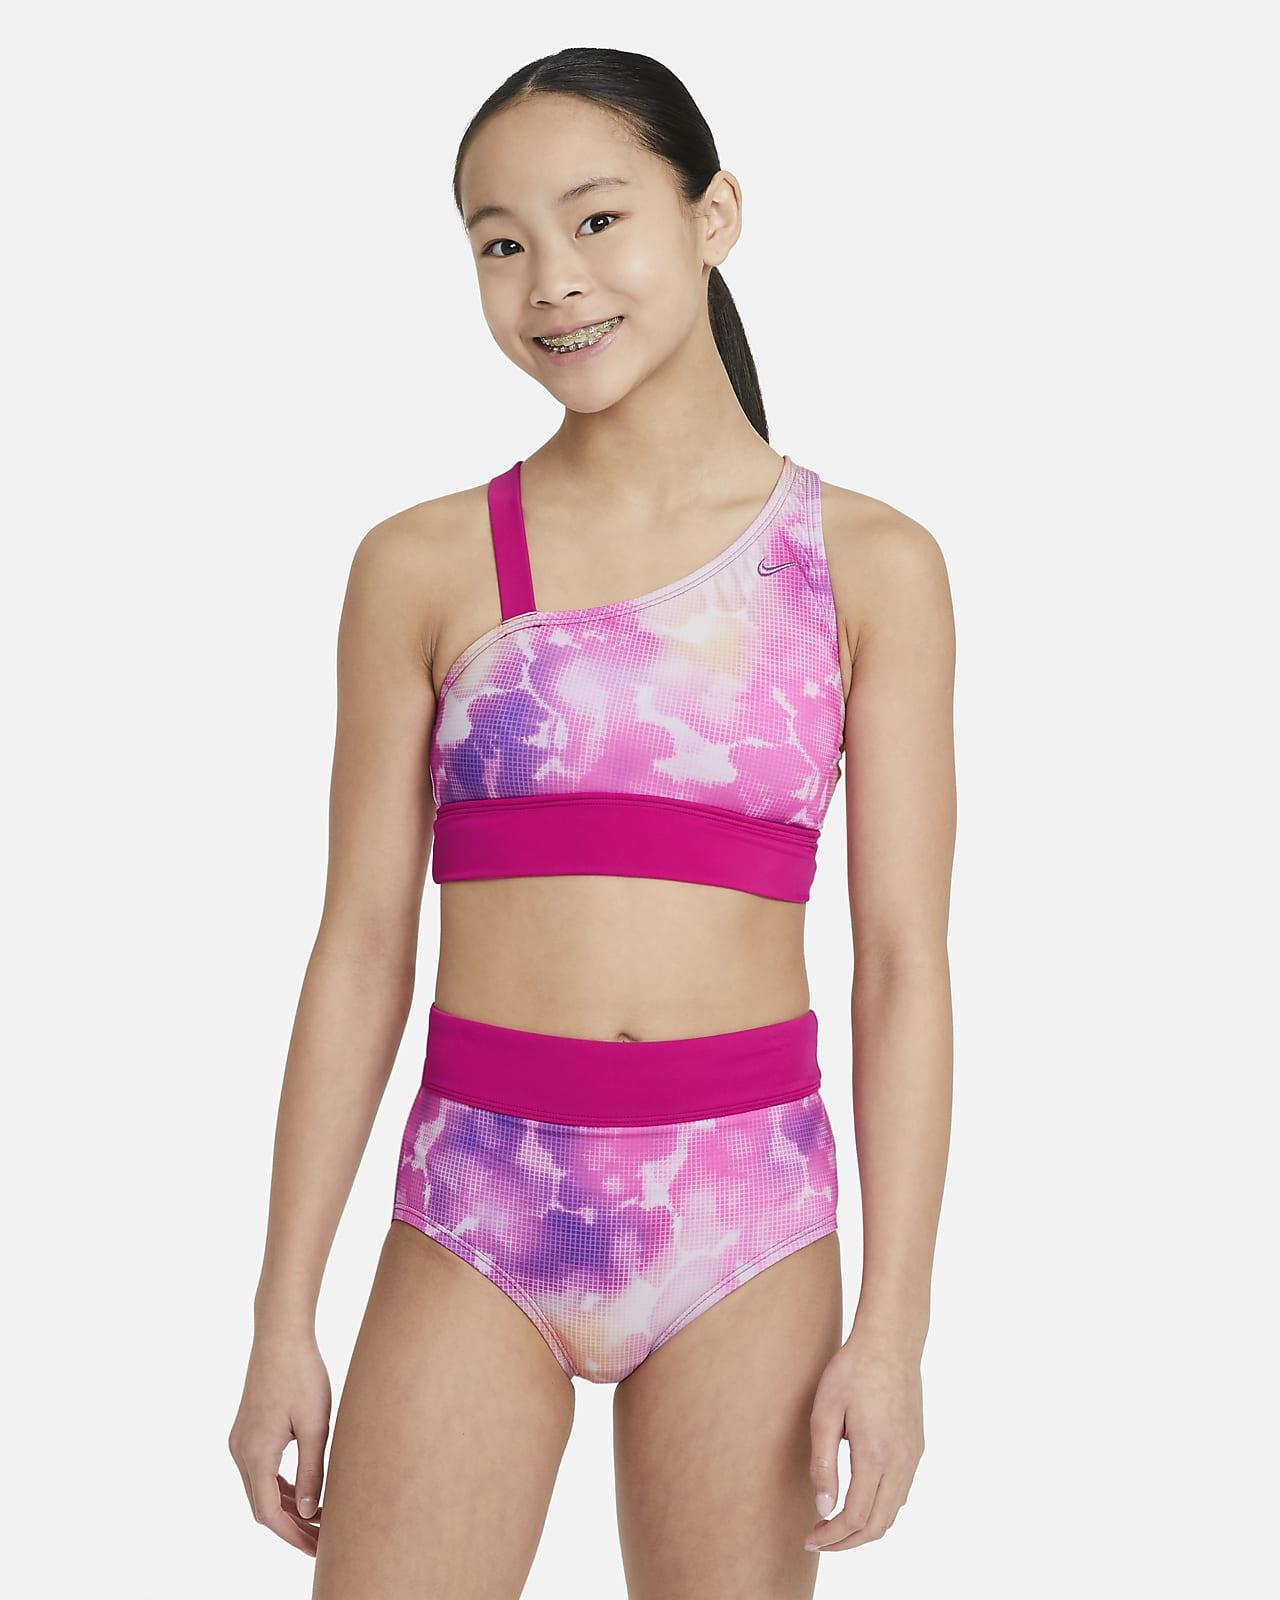 Nike Big Kids' (Girls') Asymmetrical Top and High-Waisted Bikini